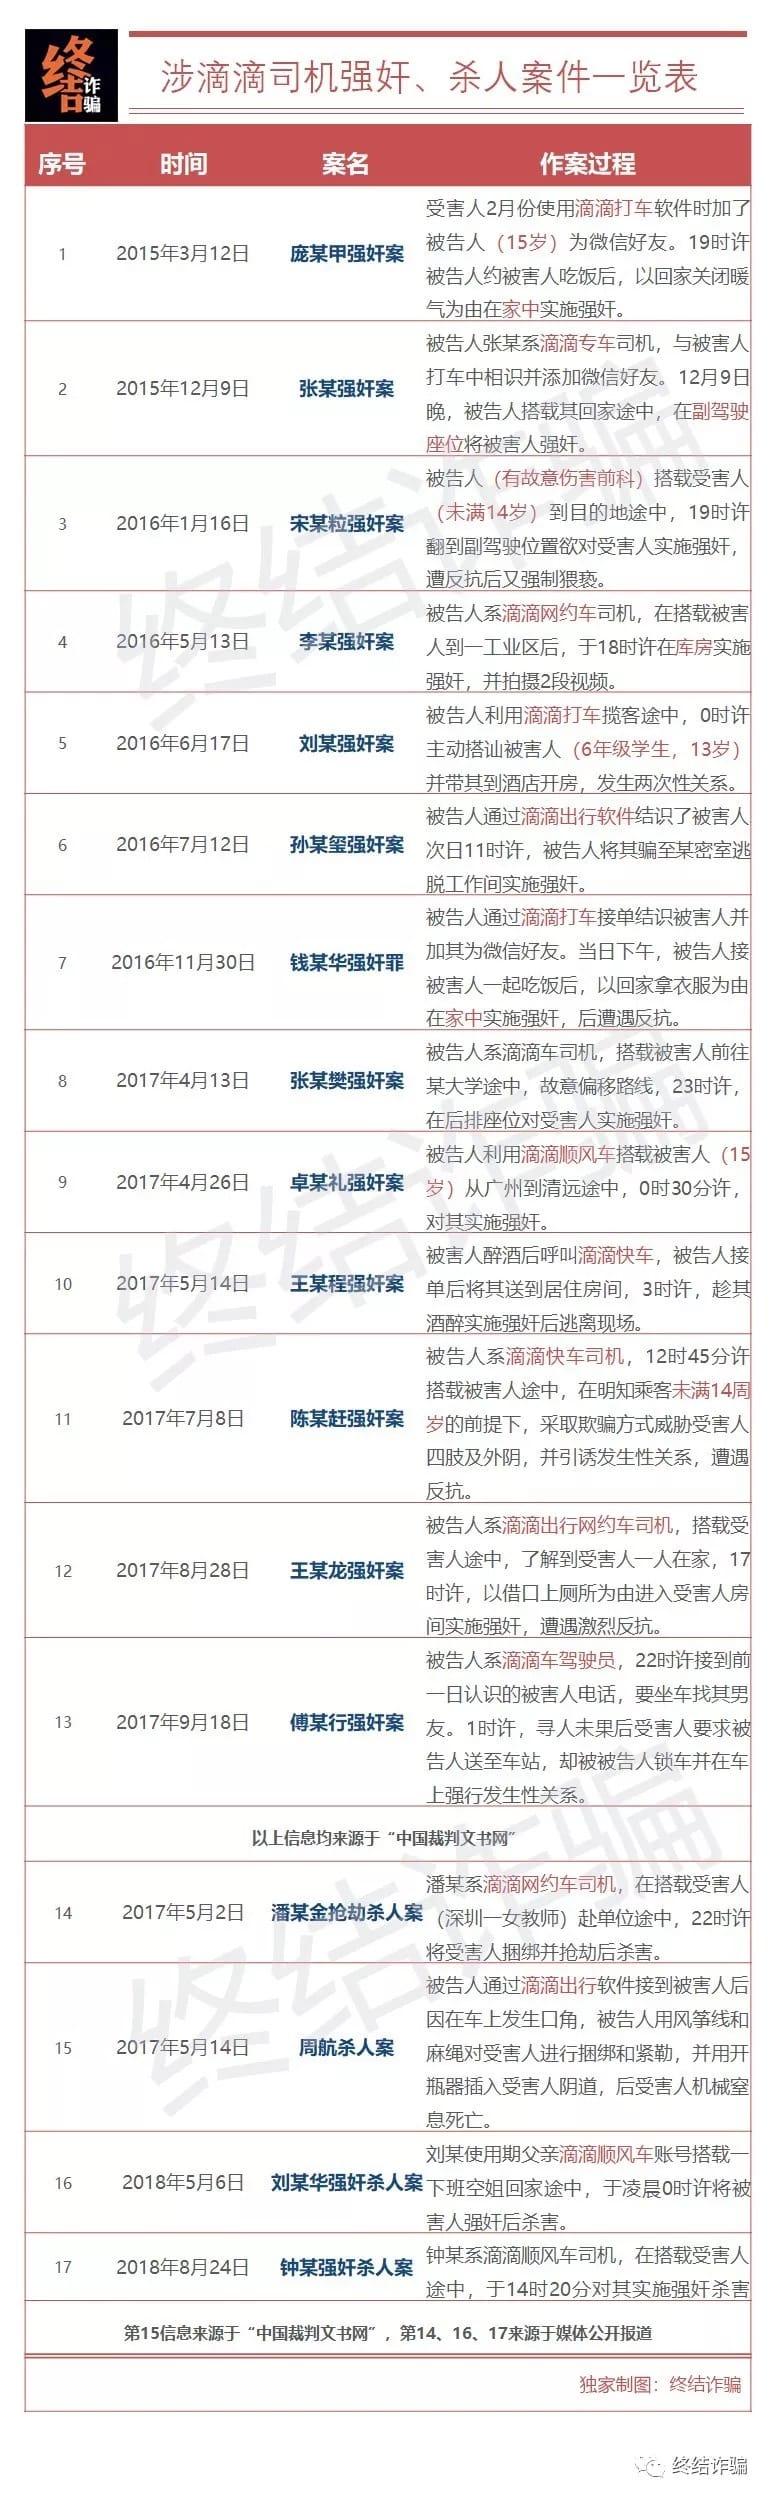 刑事案件_宁波婚姻律师_宁波离婚律师_宁波财富律师 第3张